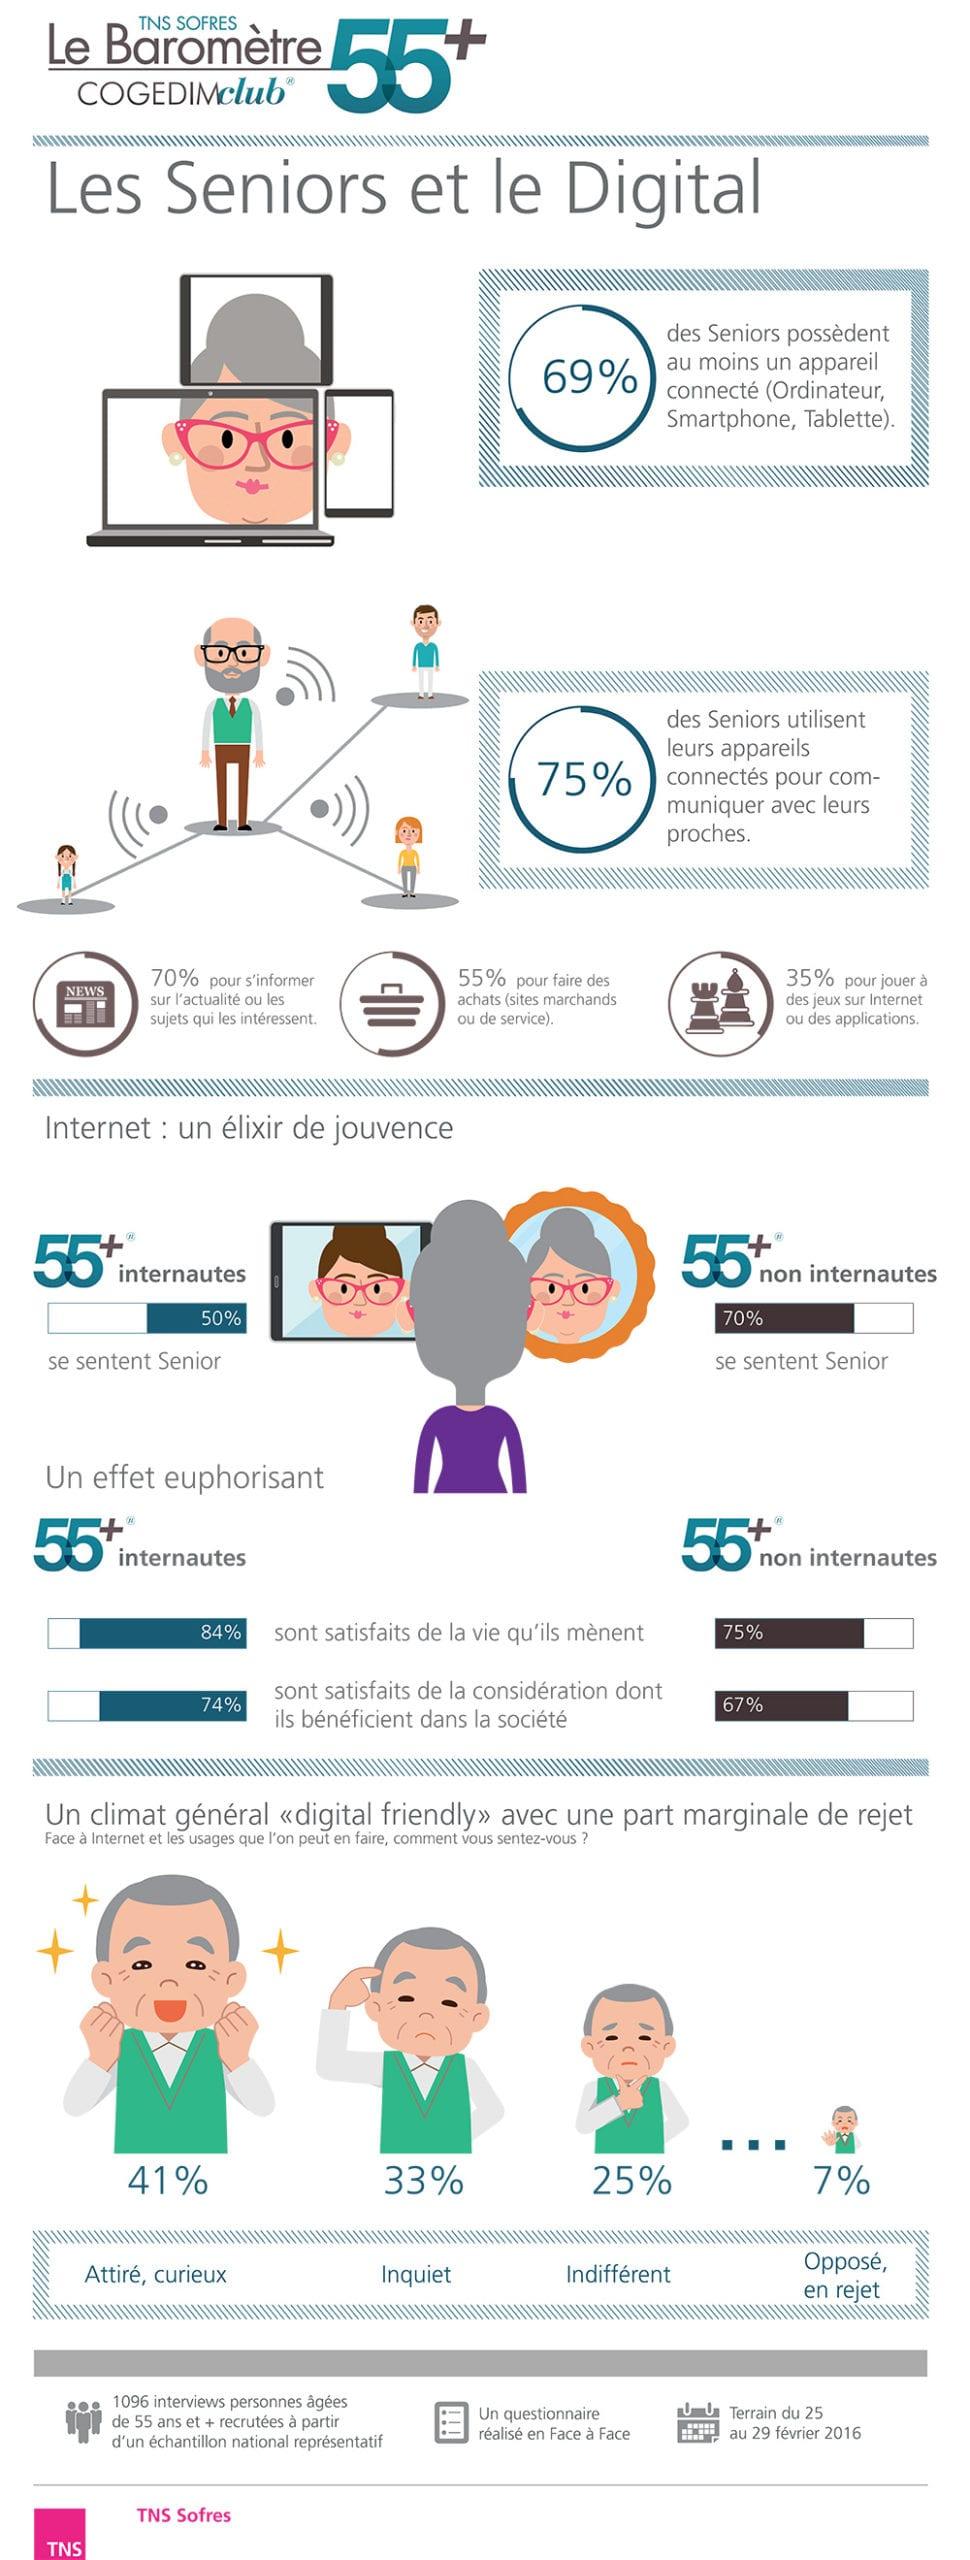 Les-Seniors-et-le-digital-Infographie-Silver-économie